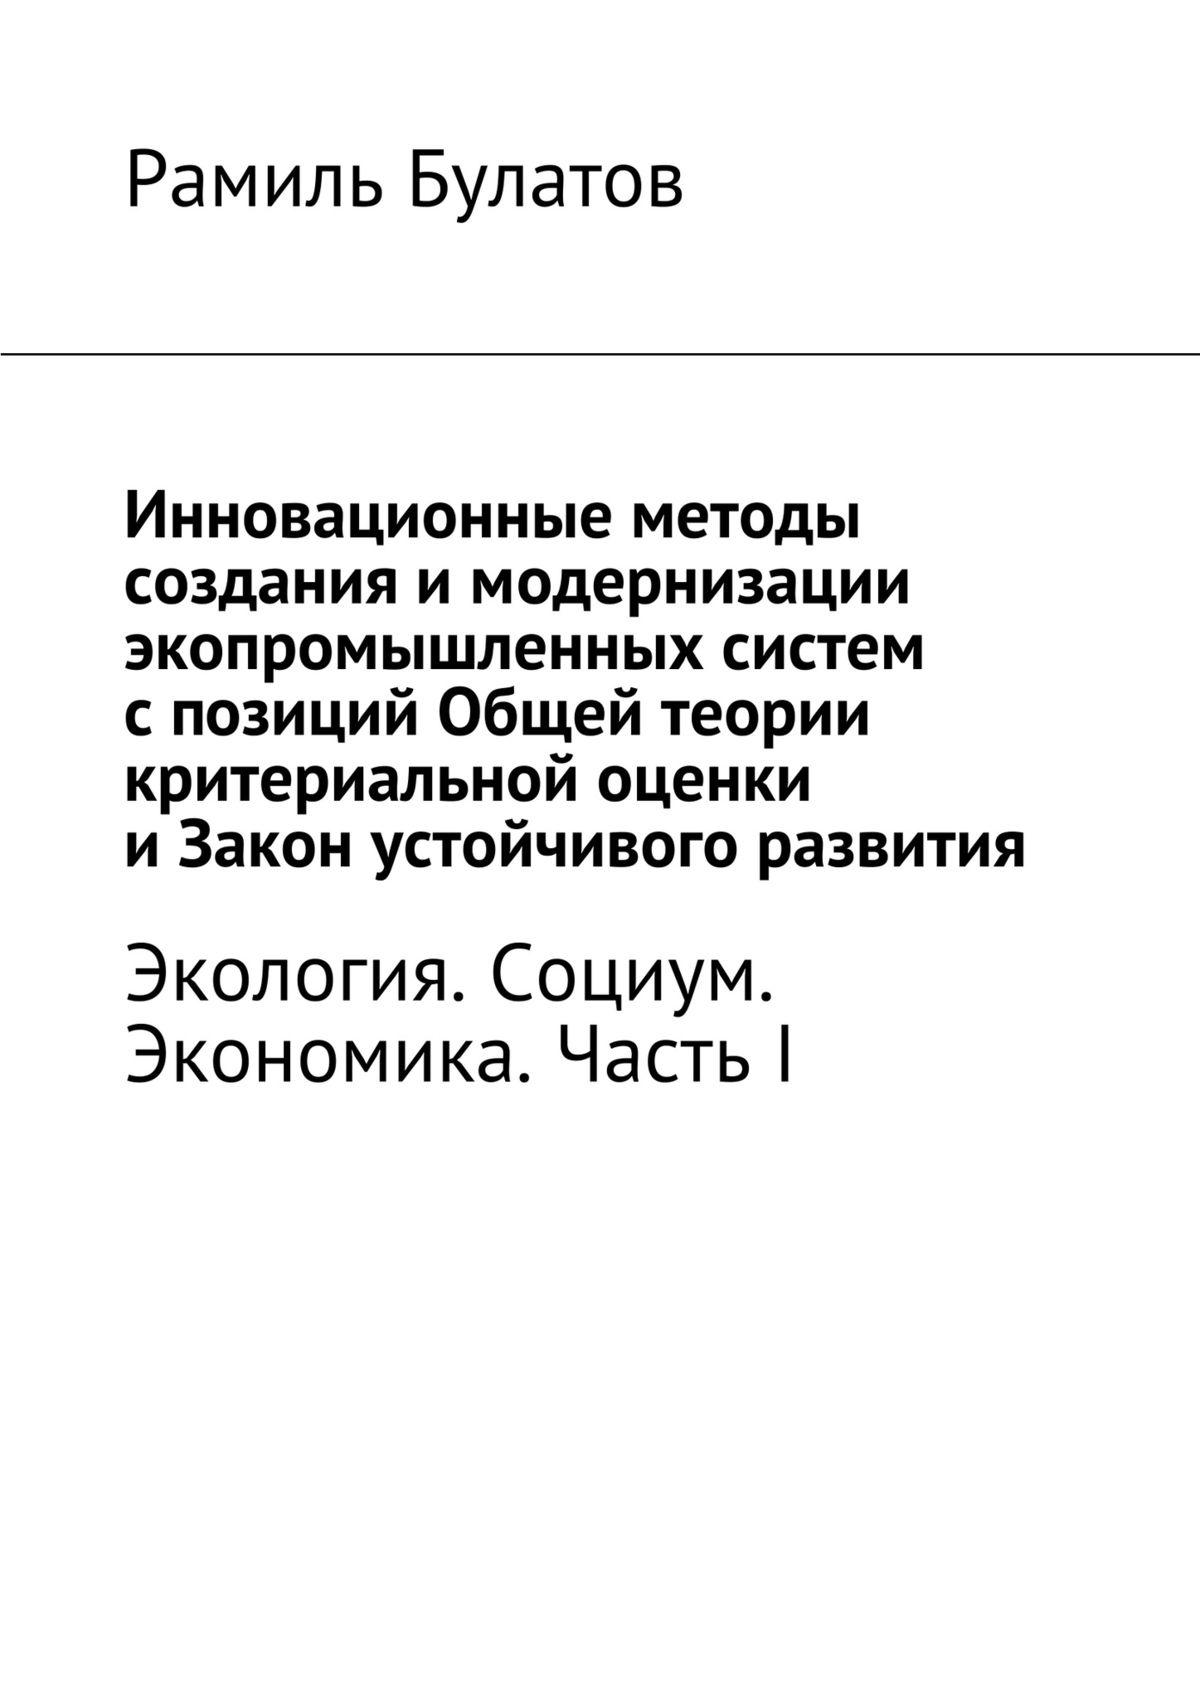 Рамиль Булатов Инновационные методы создания имодернизации экопромышленных систем спозиций Общей теории критериальной оценки иЗакон устойчивого развития рамиль булатов сектор третий– курс устойчивый